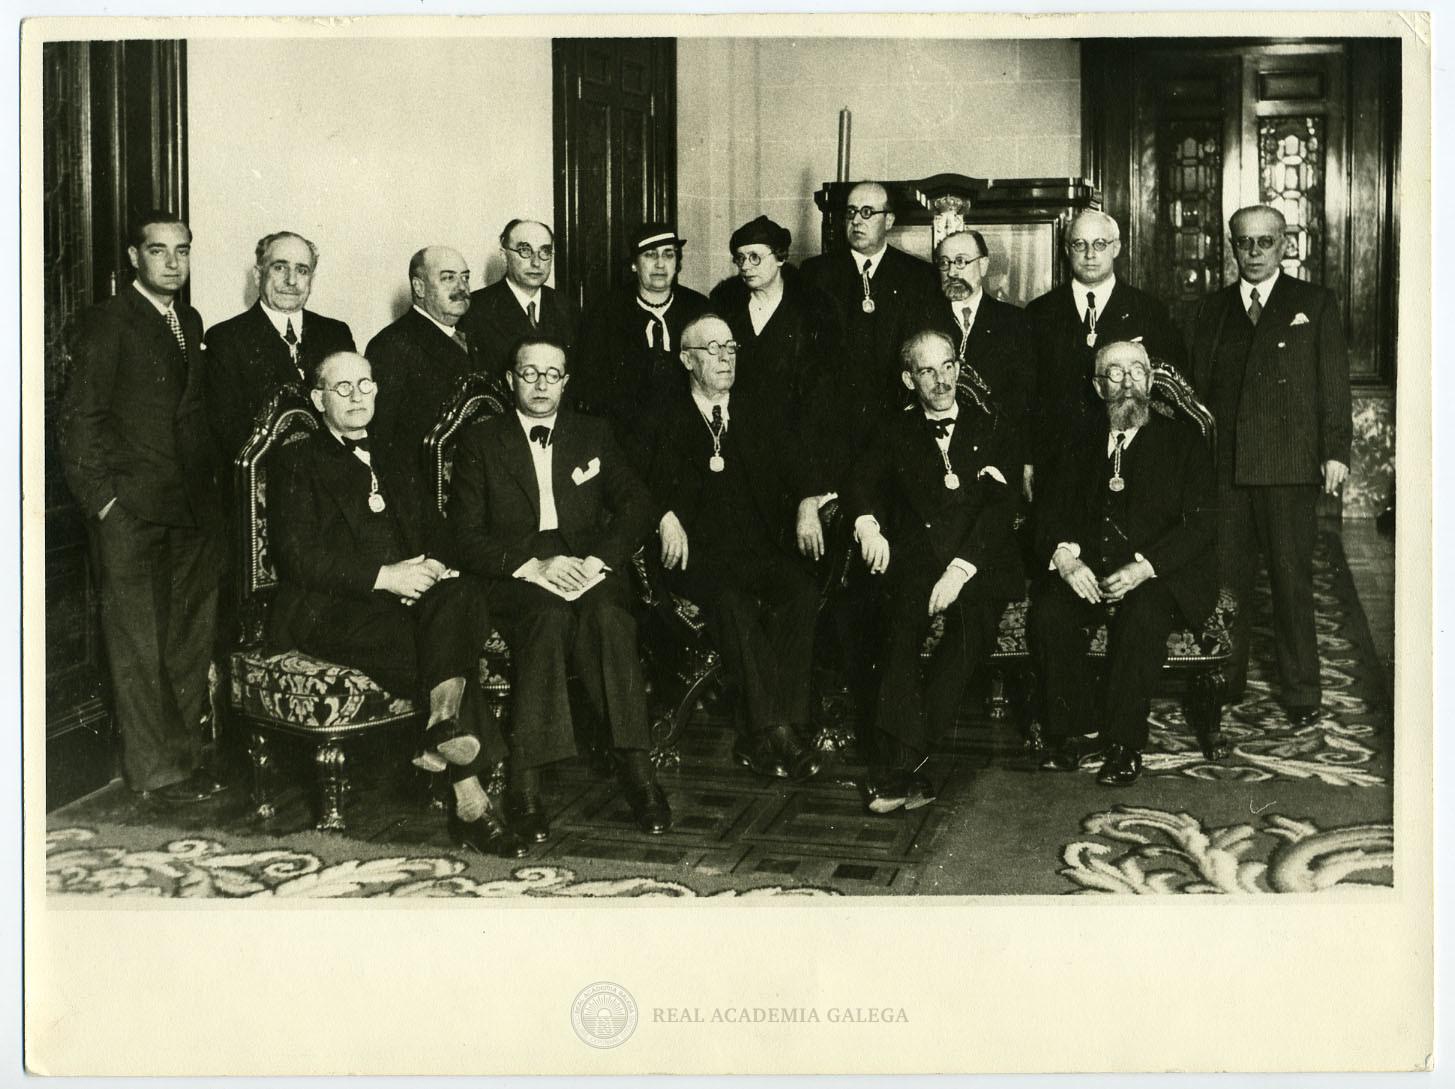 Recepción de Castelao en la Real Academia Galega